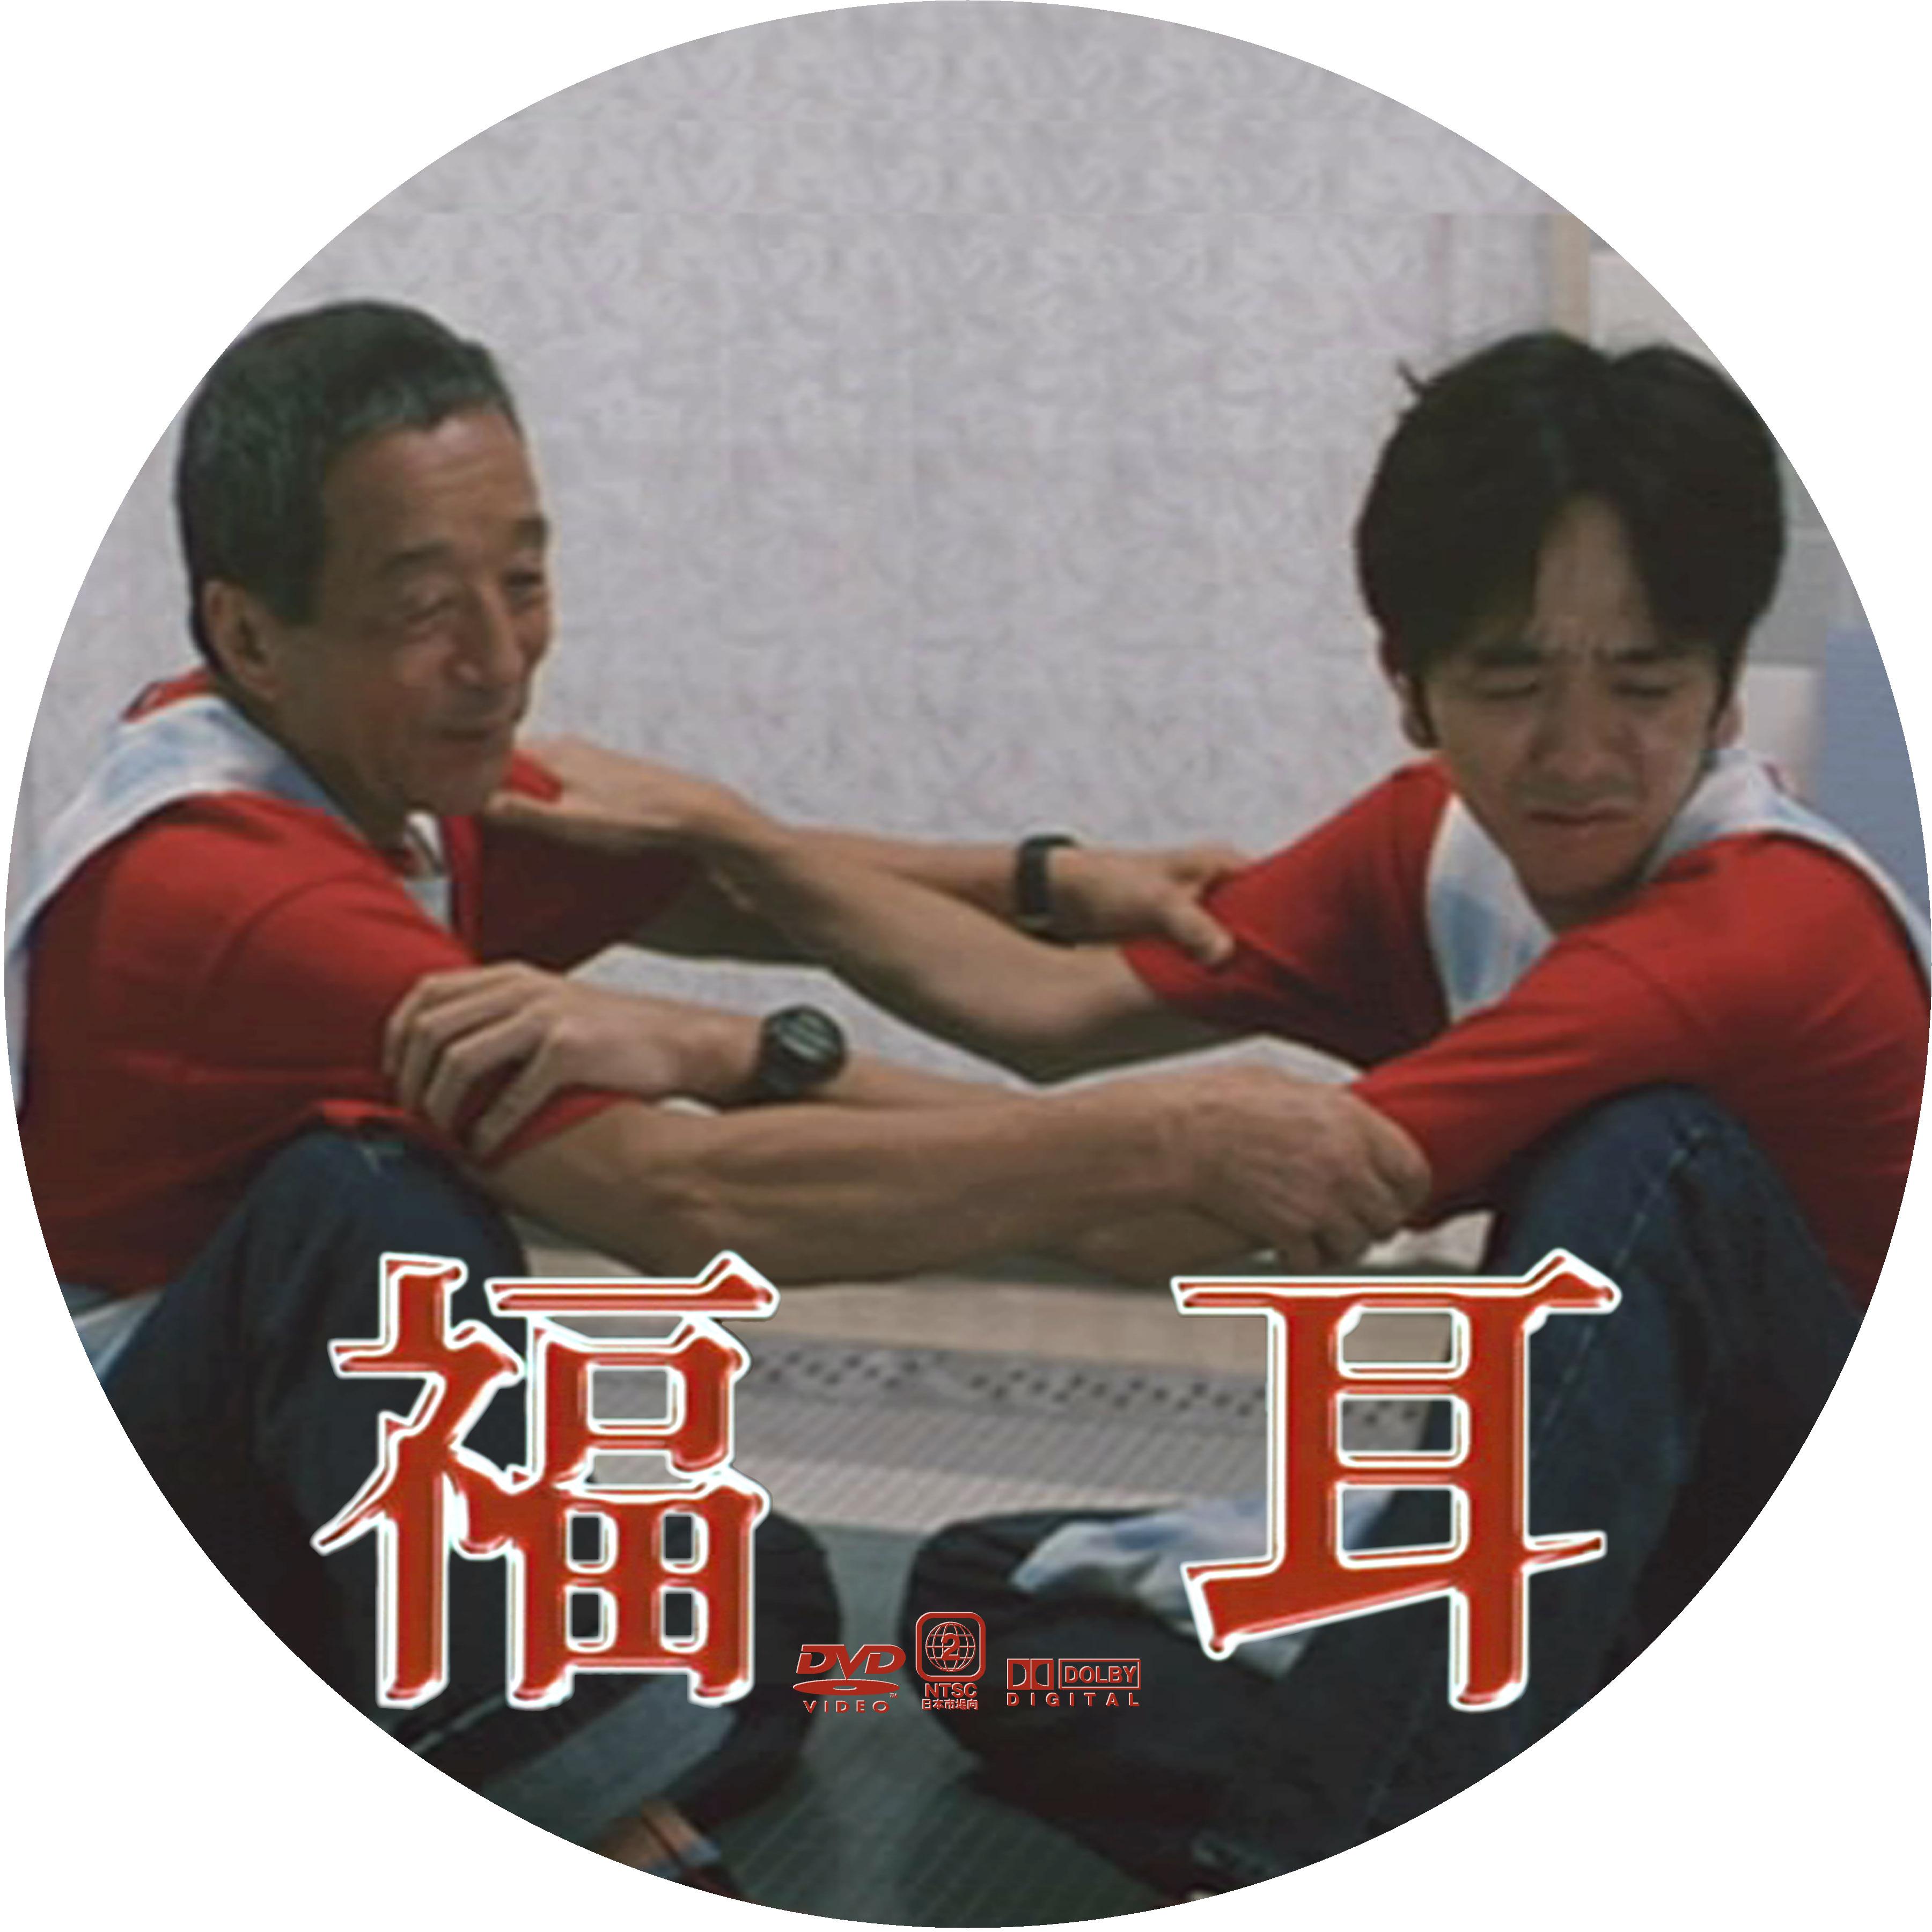 ドサ月記 livedoor evolution : 福耳-FUKUMIMI-